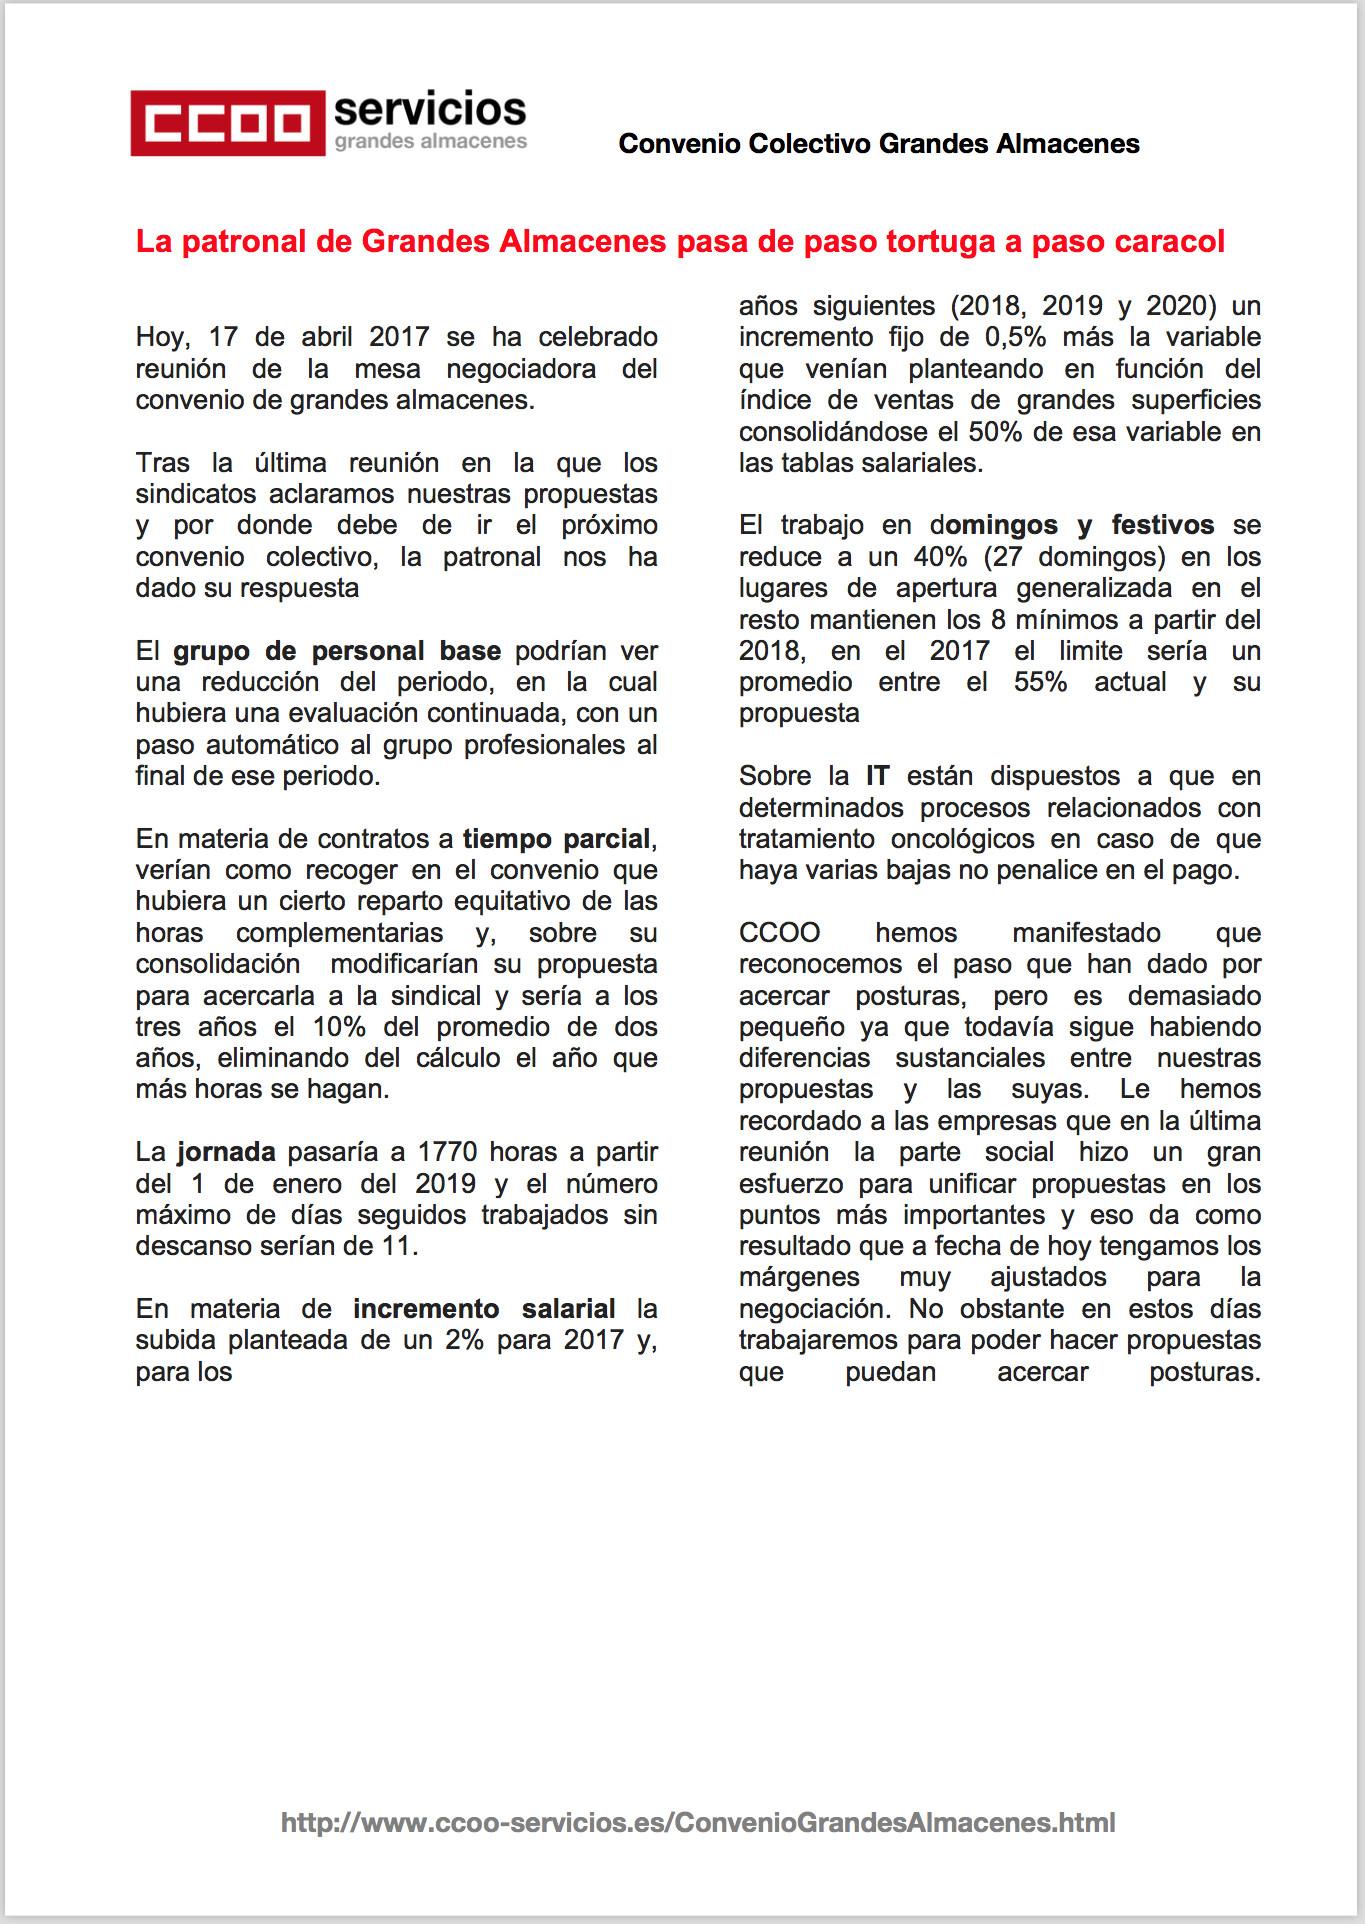 Pagina 1 del sexto comunicado GGAA